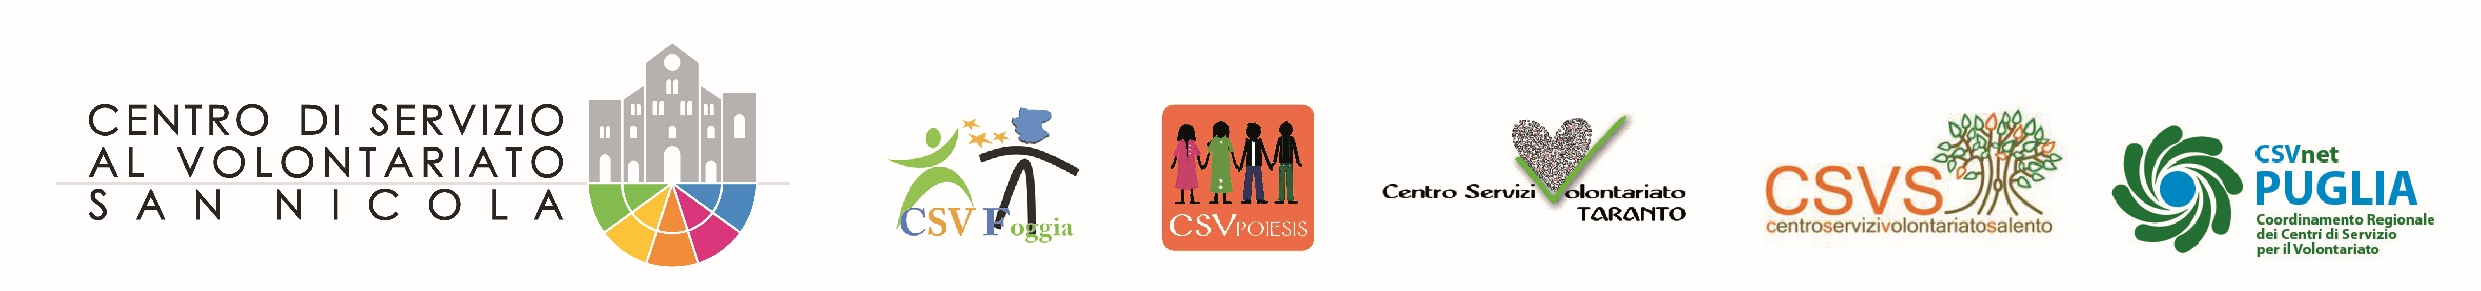 CSV PUGLIA Il Servizio Civile Universale opportunità per gli Enti del Terzo Settore pugliese BARI